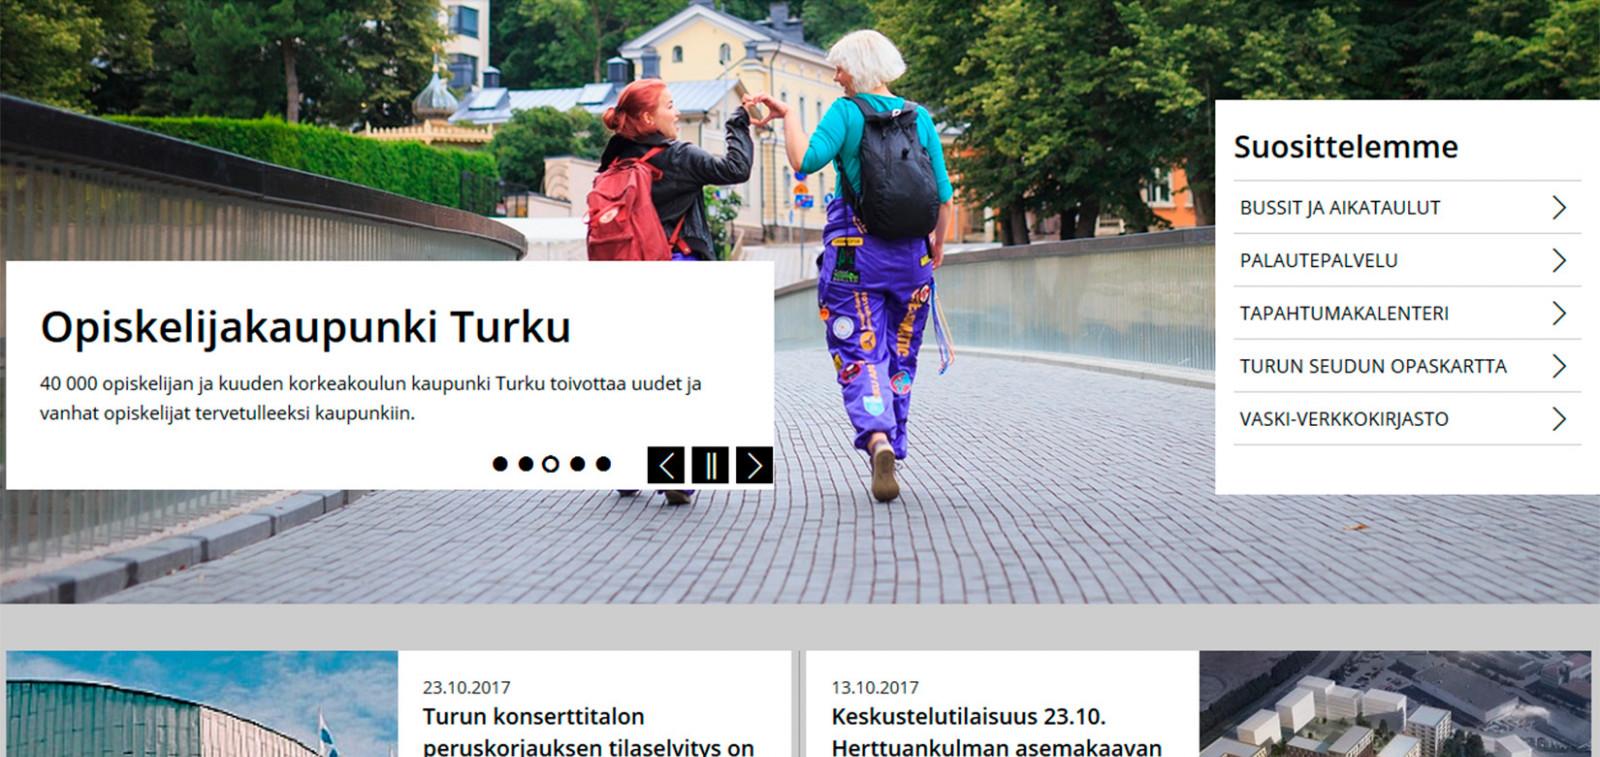 Vahvakontrastinen tyyli valittuna turku.fi:ssä